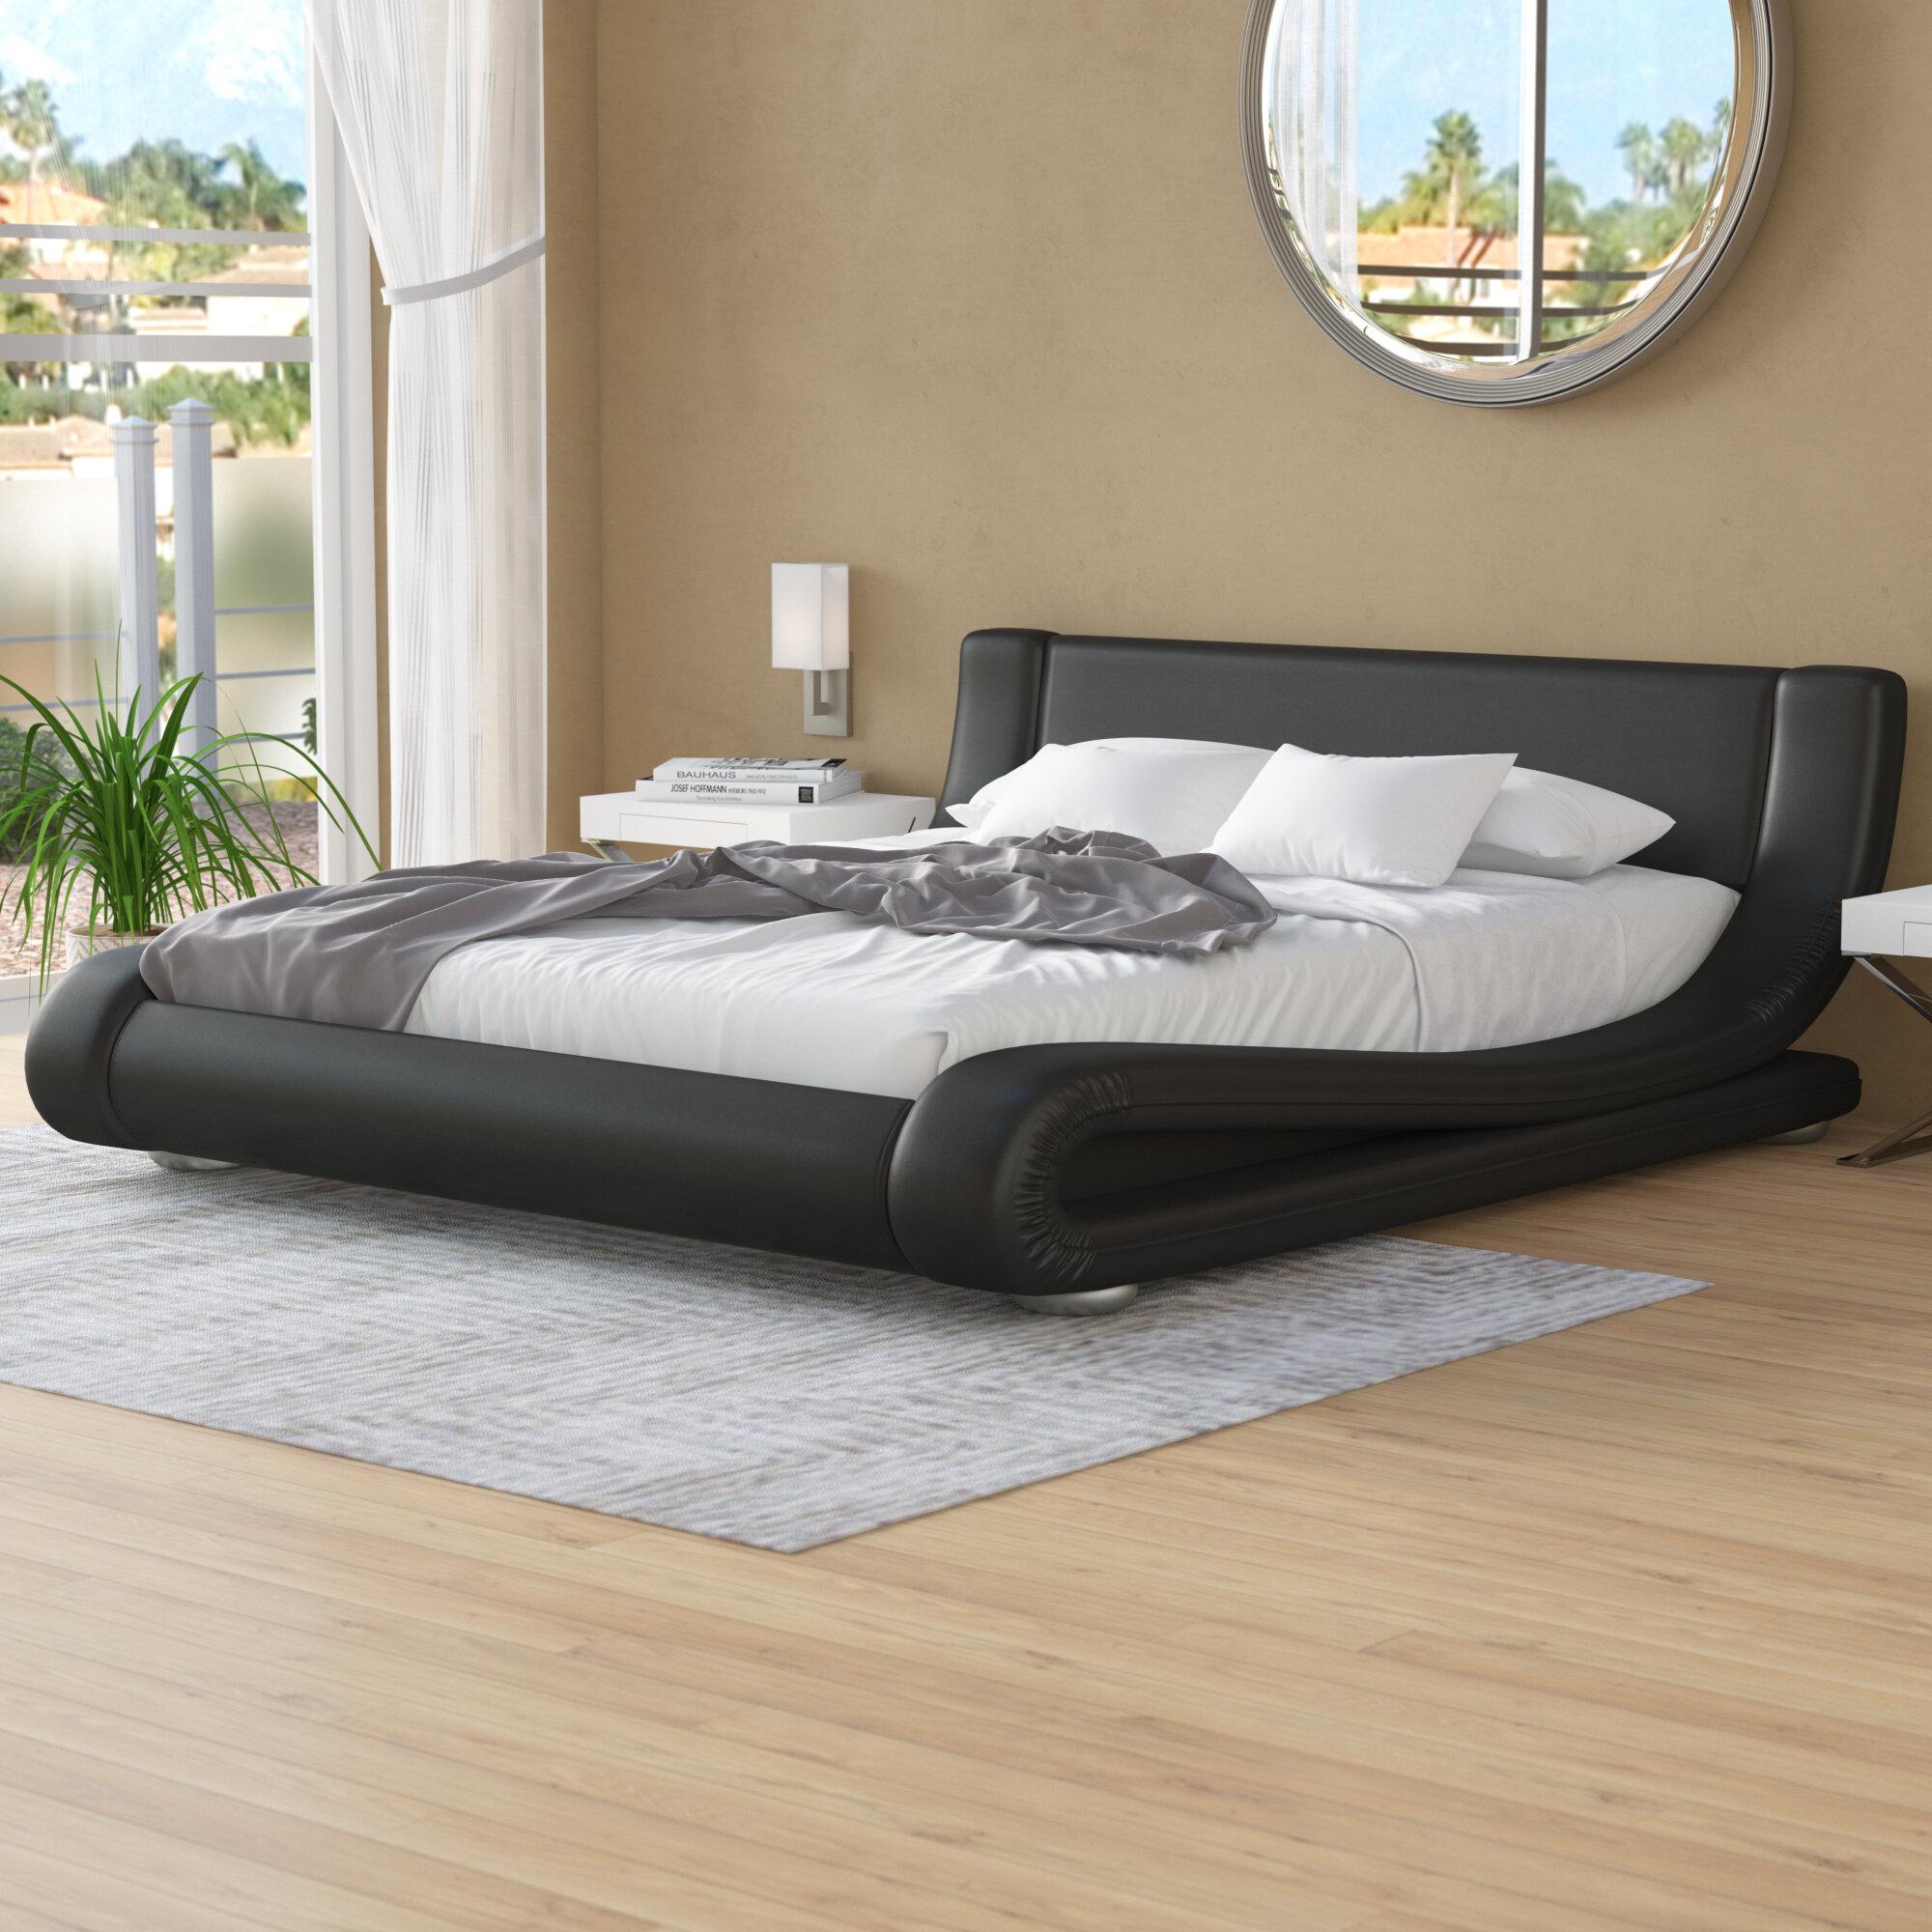 Brayden Studio Albricus Upholstered Low Profile Platform Bed Reviews Wayfair Ca